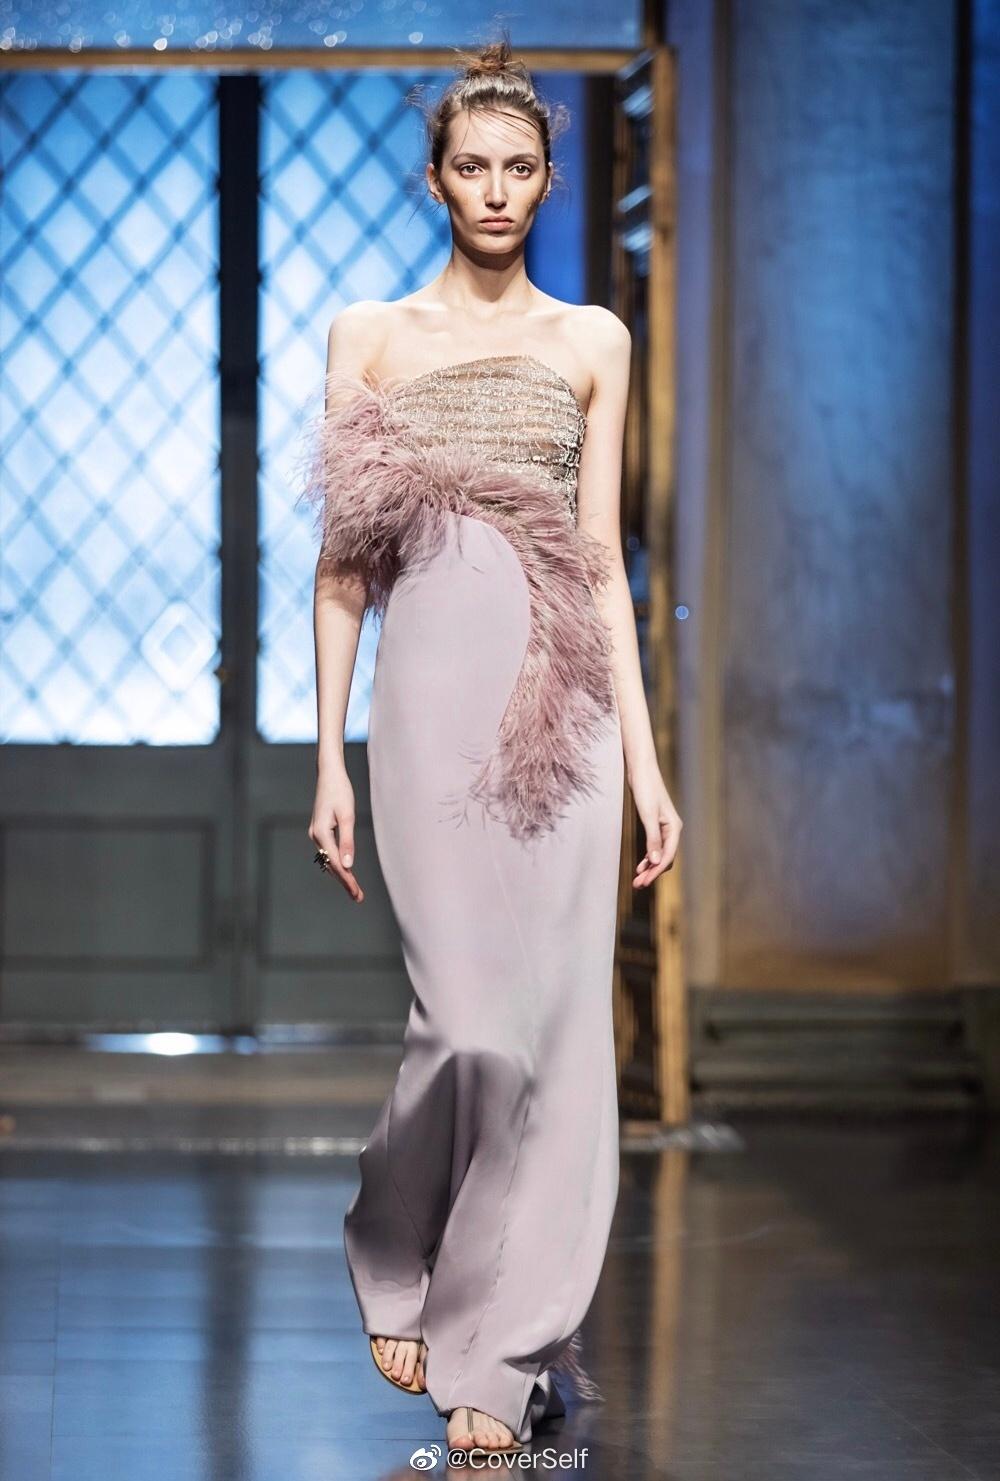 """Dương Mịch lao vào cuộc đua đồ cao cấp, đổi stylist để """"lấy le"""" diện đồ Haute Couture đi sự kiện nhưng vẫn bị dân tình chê bai - Ảnh 4."""